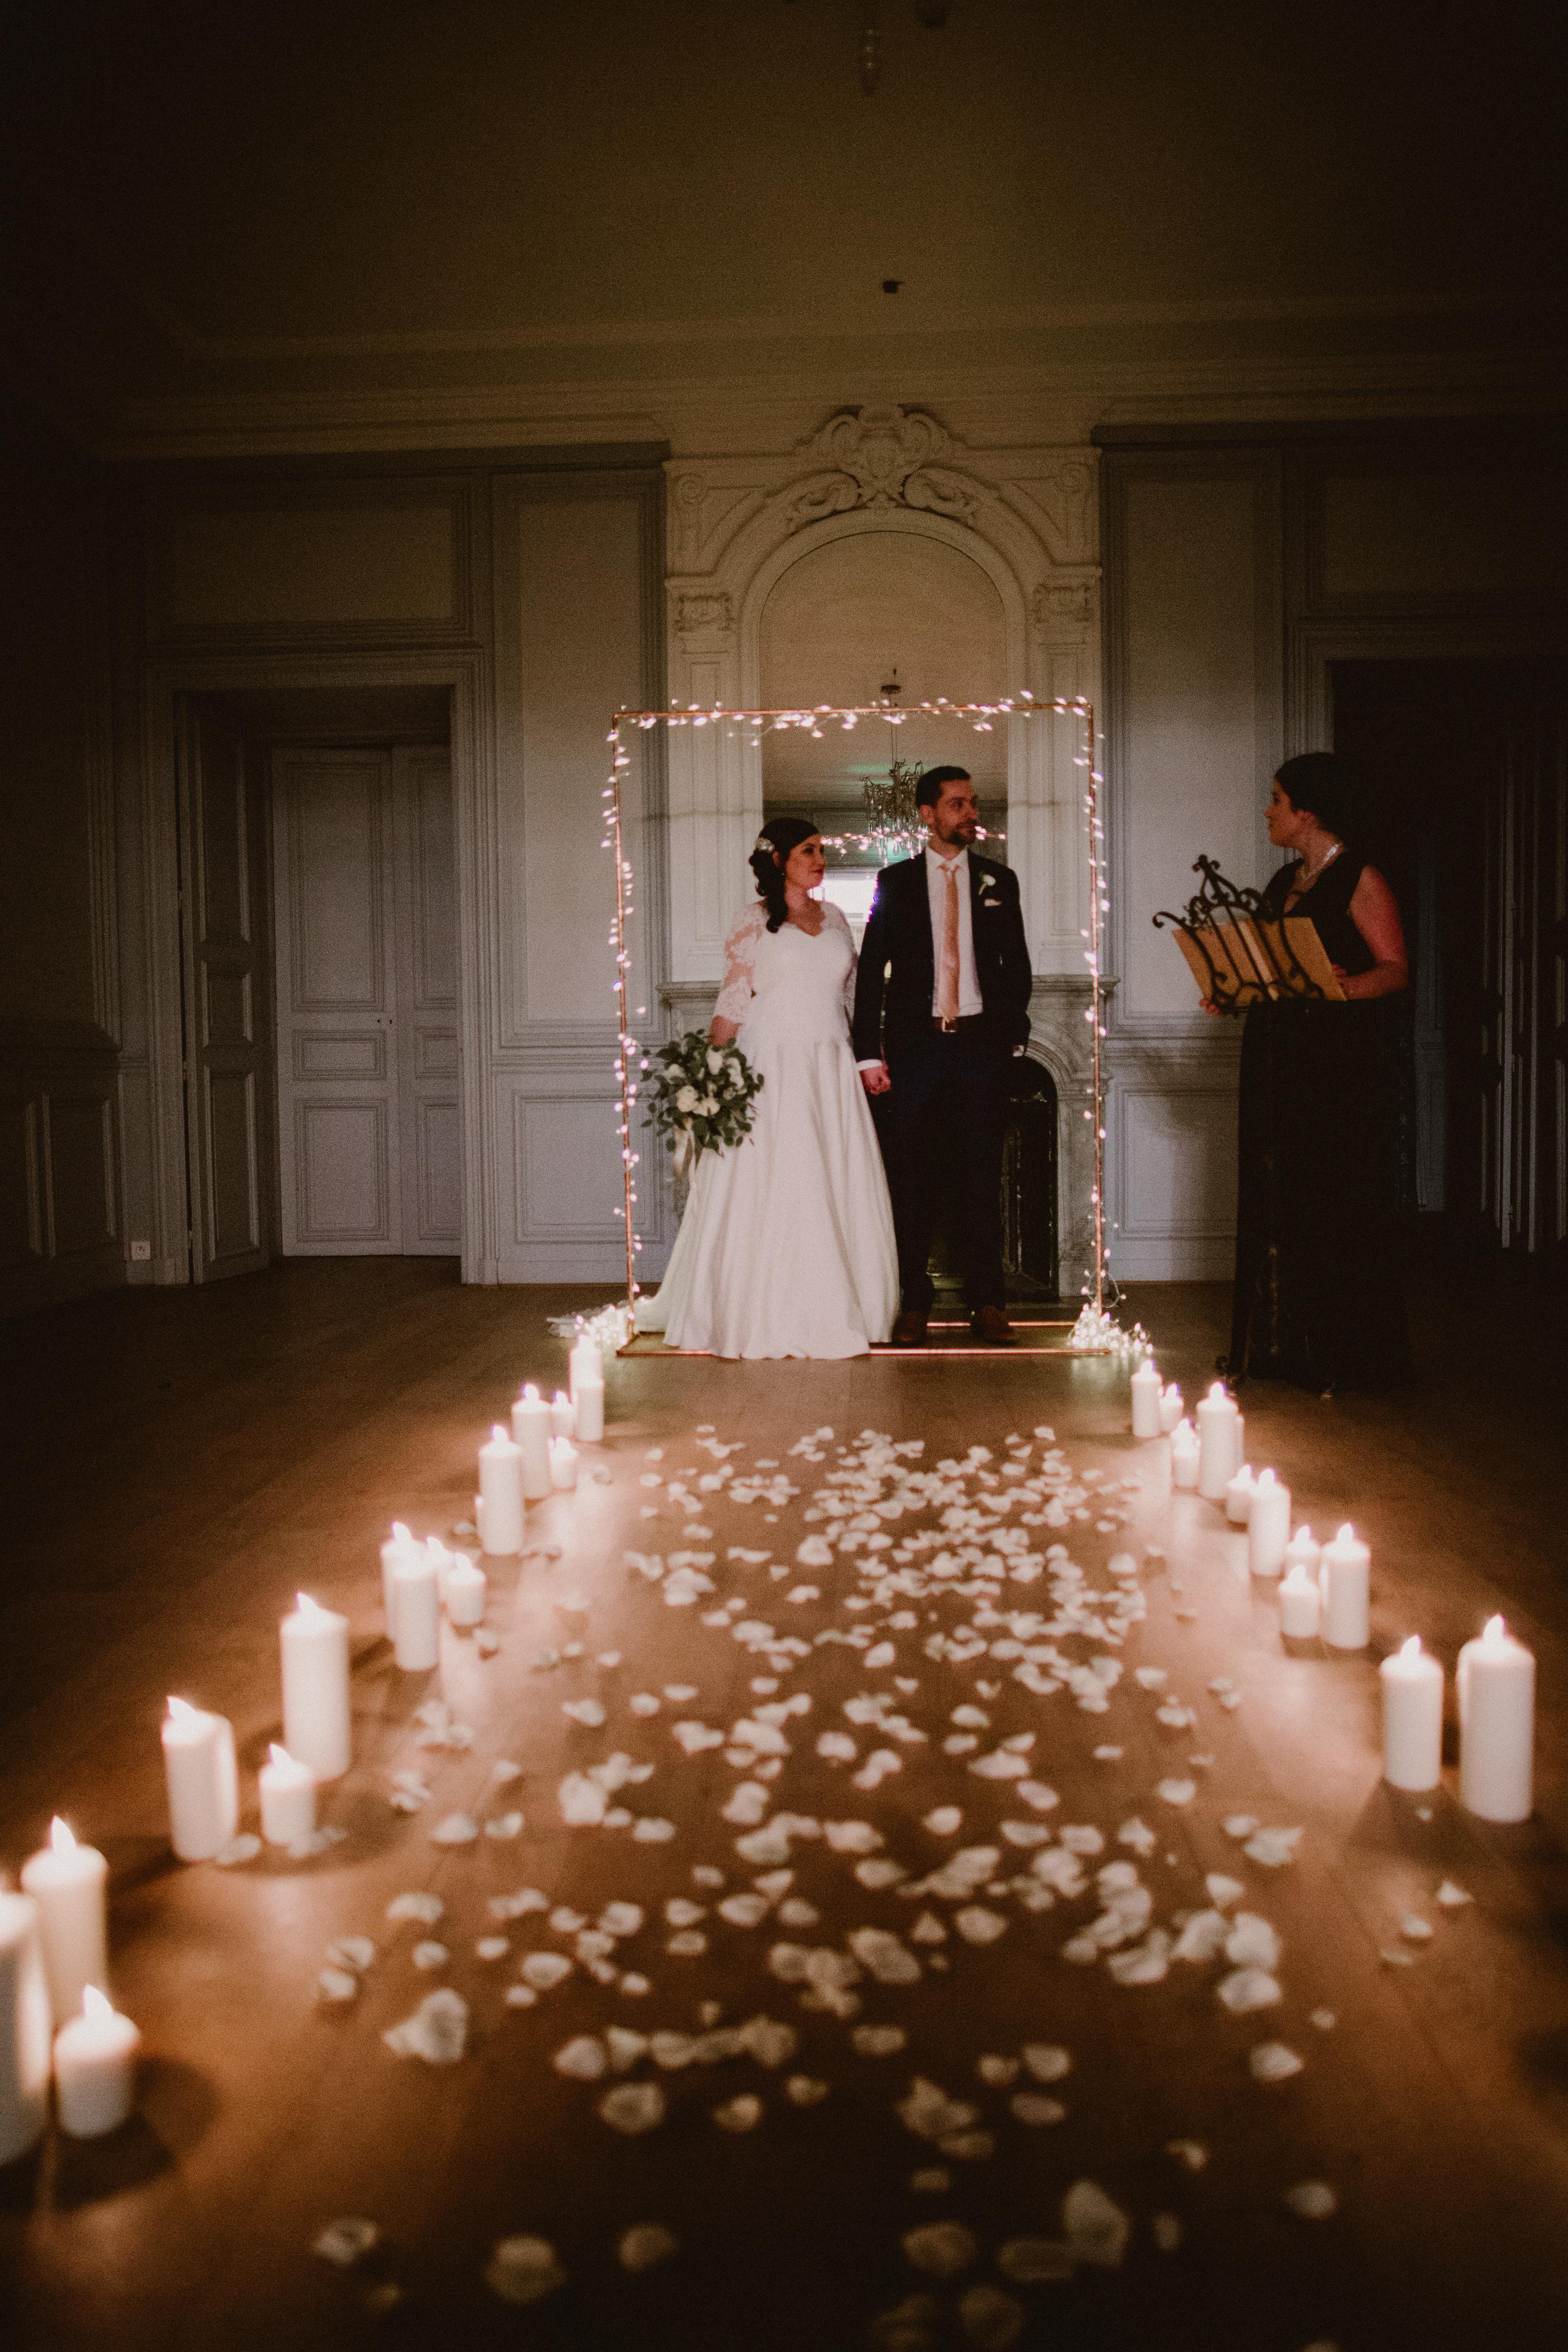 sterenn-officiante-ceremonie-laique-nuit-mariage-bougies-crepuscule-elopement